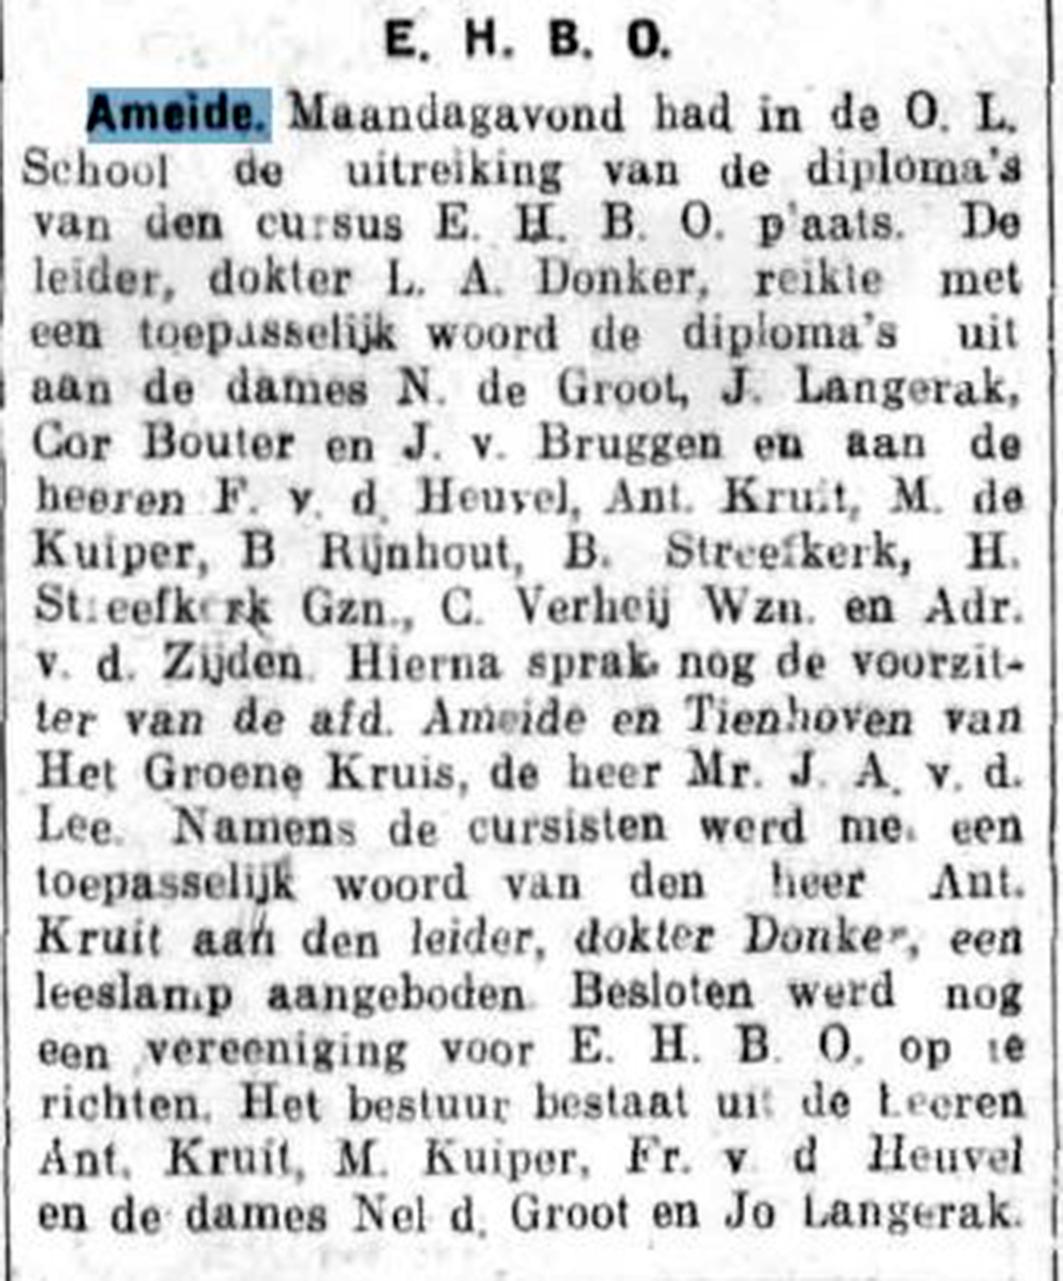 Schoonhovensche Courant 07780 1937-03-05 artikel 02